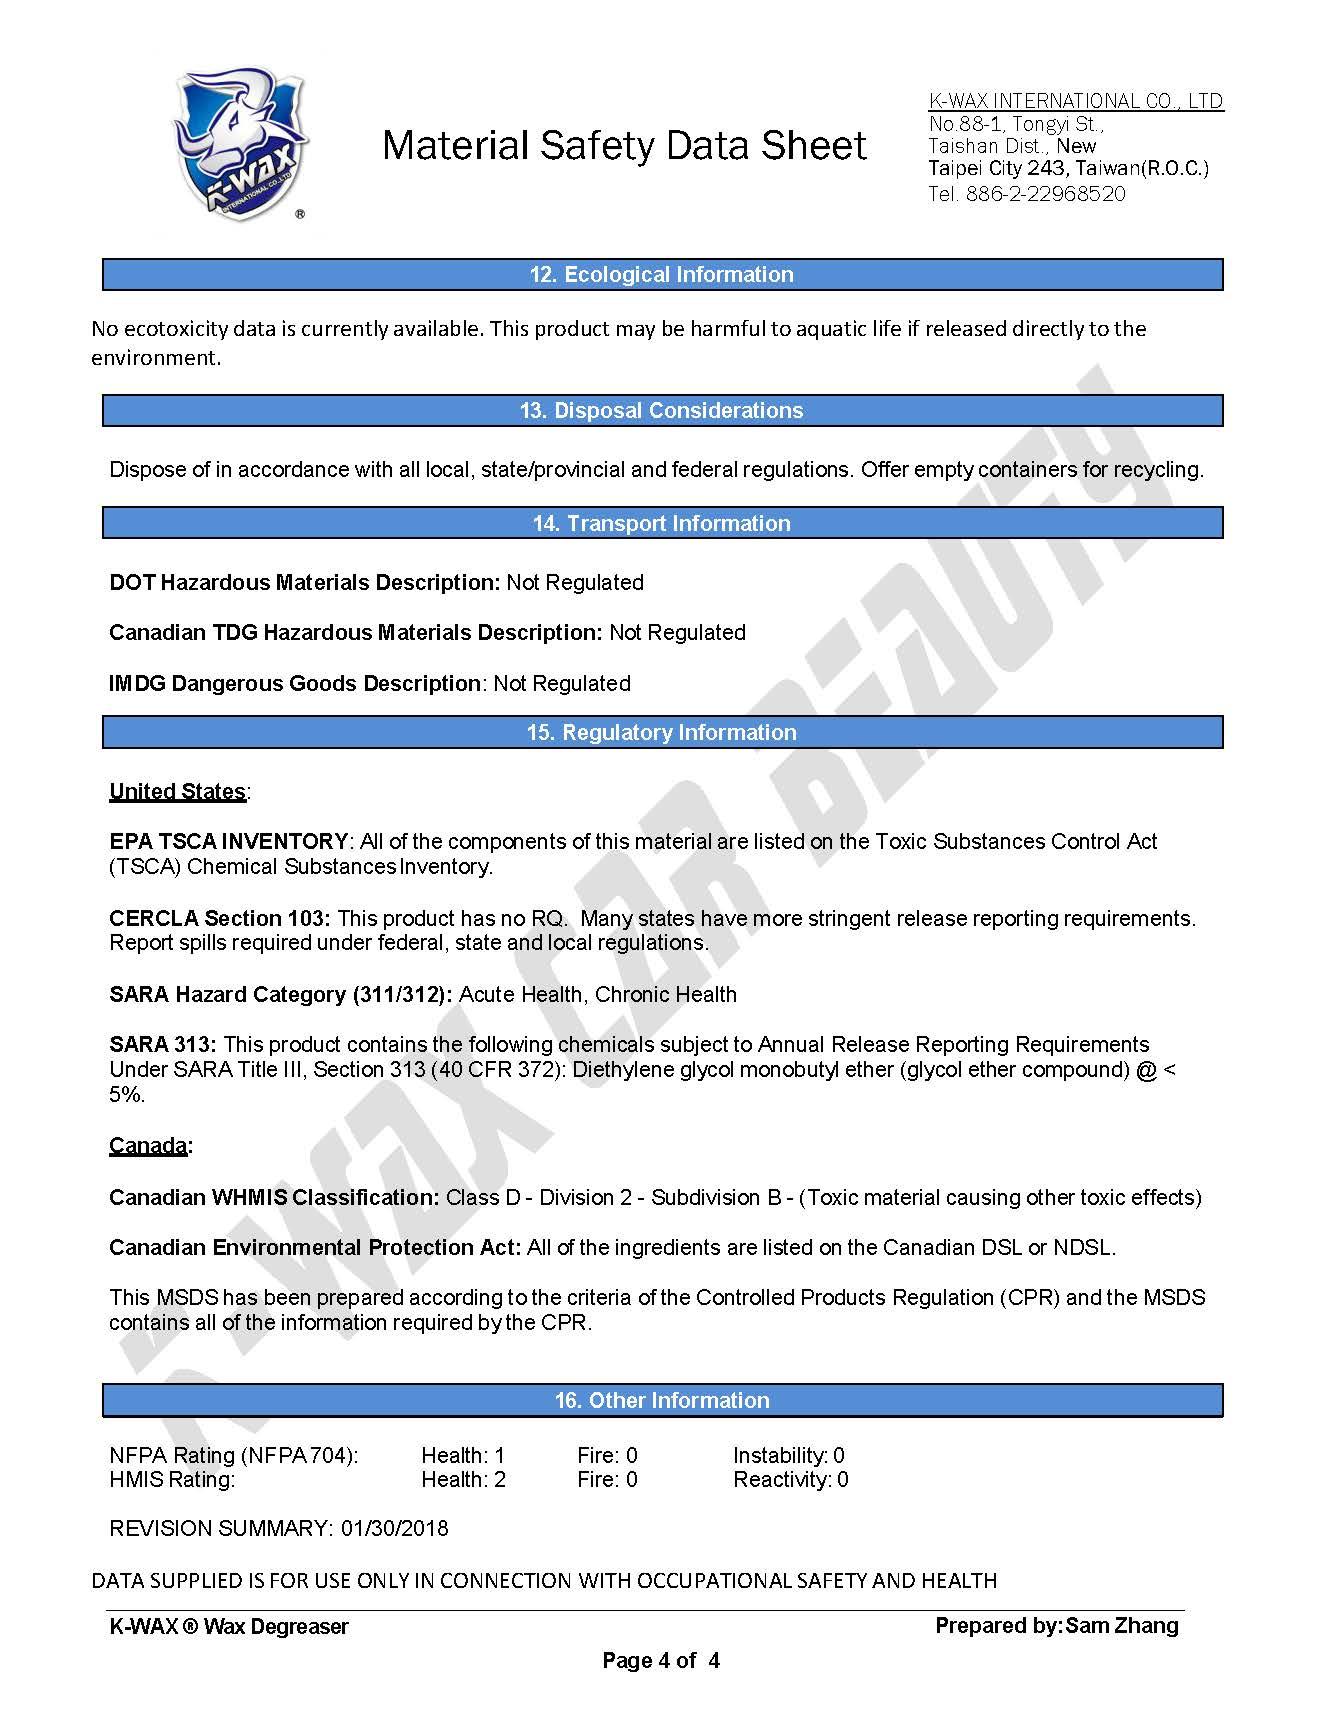 奈米脫酯劑 MSDS_页面_4.jpg